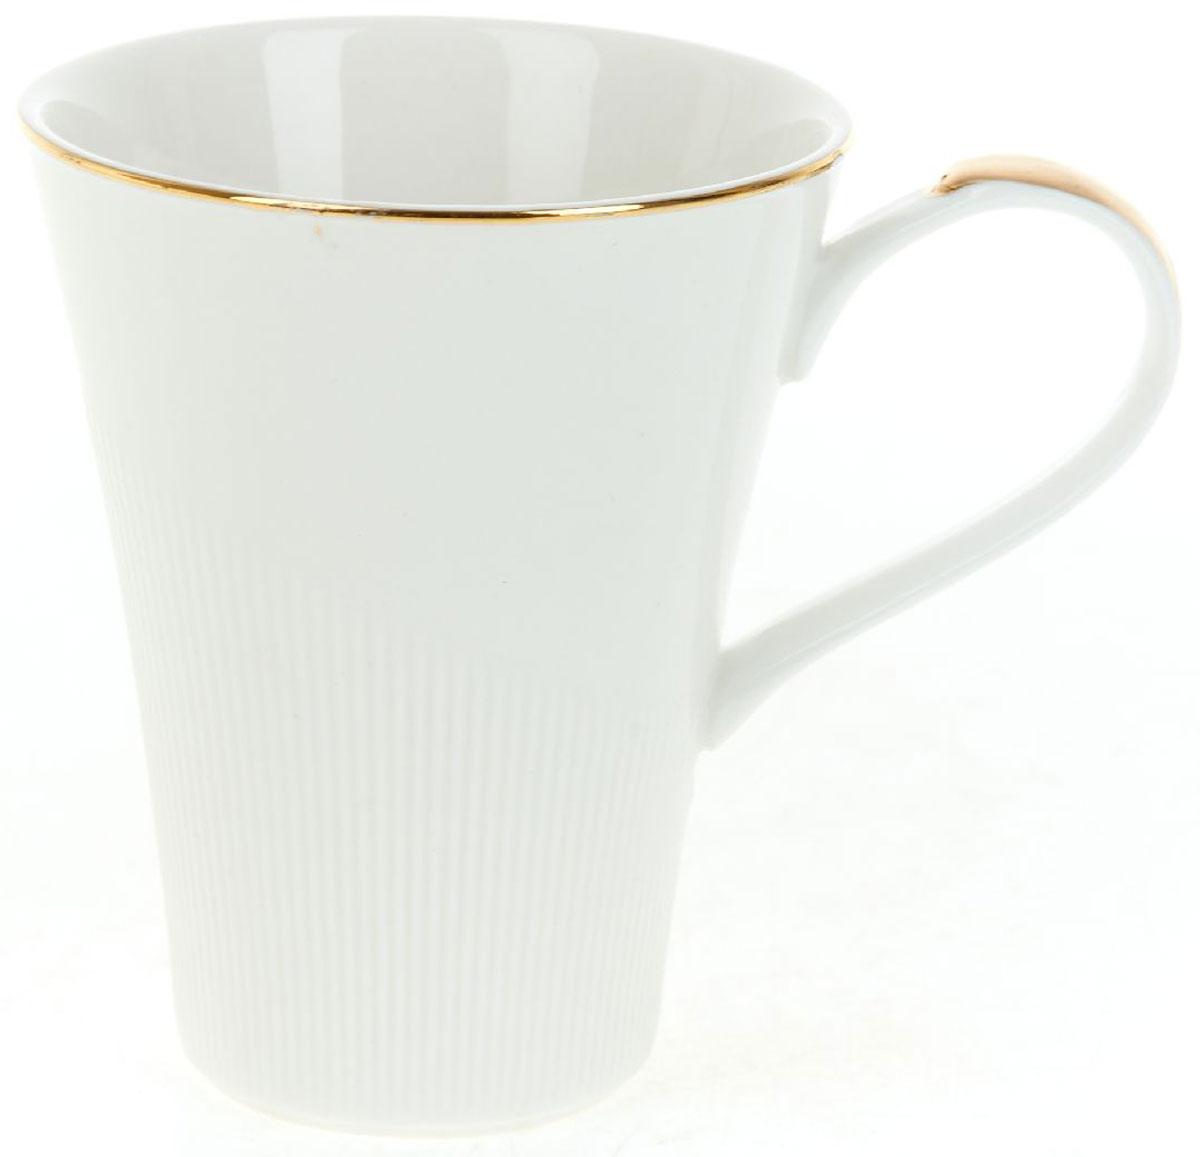 Кружка BHP Белый мрамор, 370 млM1480073Оригинальная кружка Best Home Porcelain, выполненная из высококачественного фарфора, сочетает в себе простой, утонченный дизайн с максимальной функциональностью. Оригинальность оформления придется по вкусу тем, кто ценит индивидуальность.Можно использовать в посудомоечной машине.